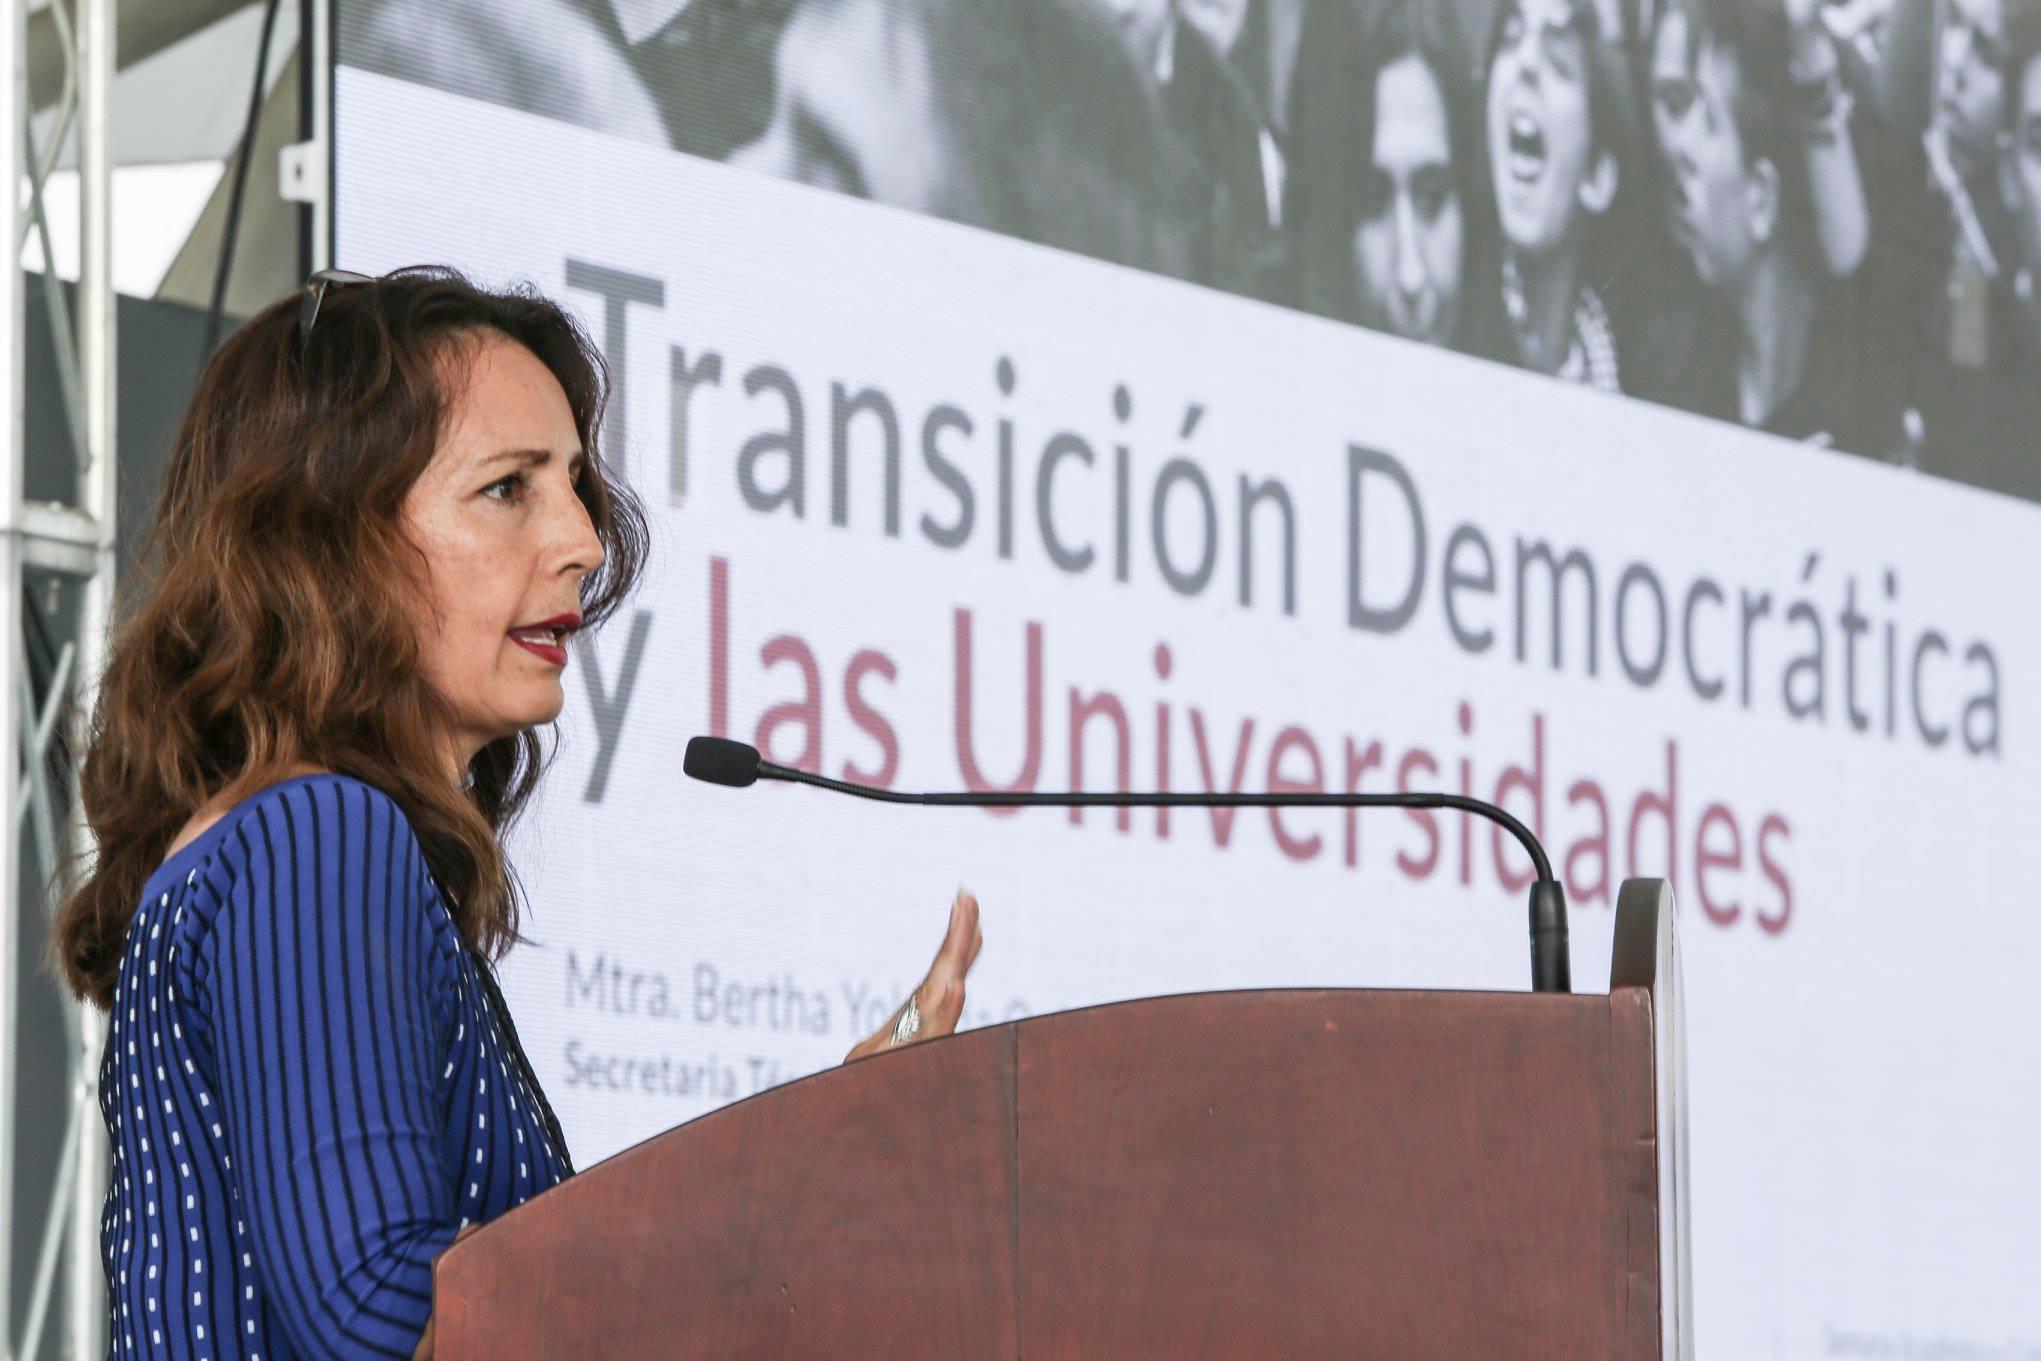 Bertha Yolanda Quintero Maciel, Transición Democrática y las Universidades